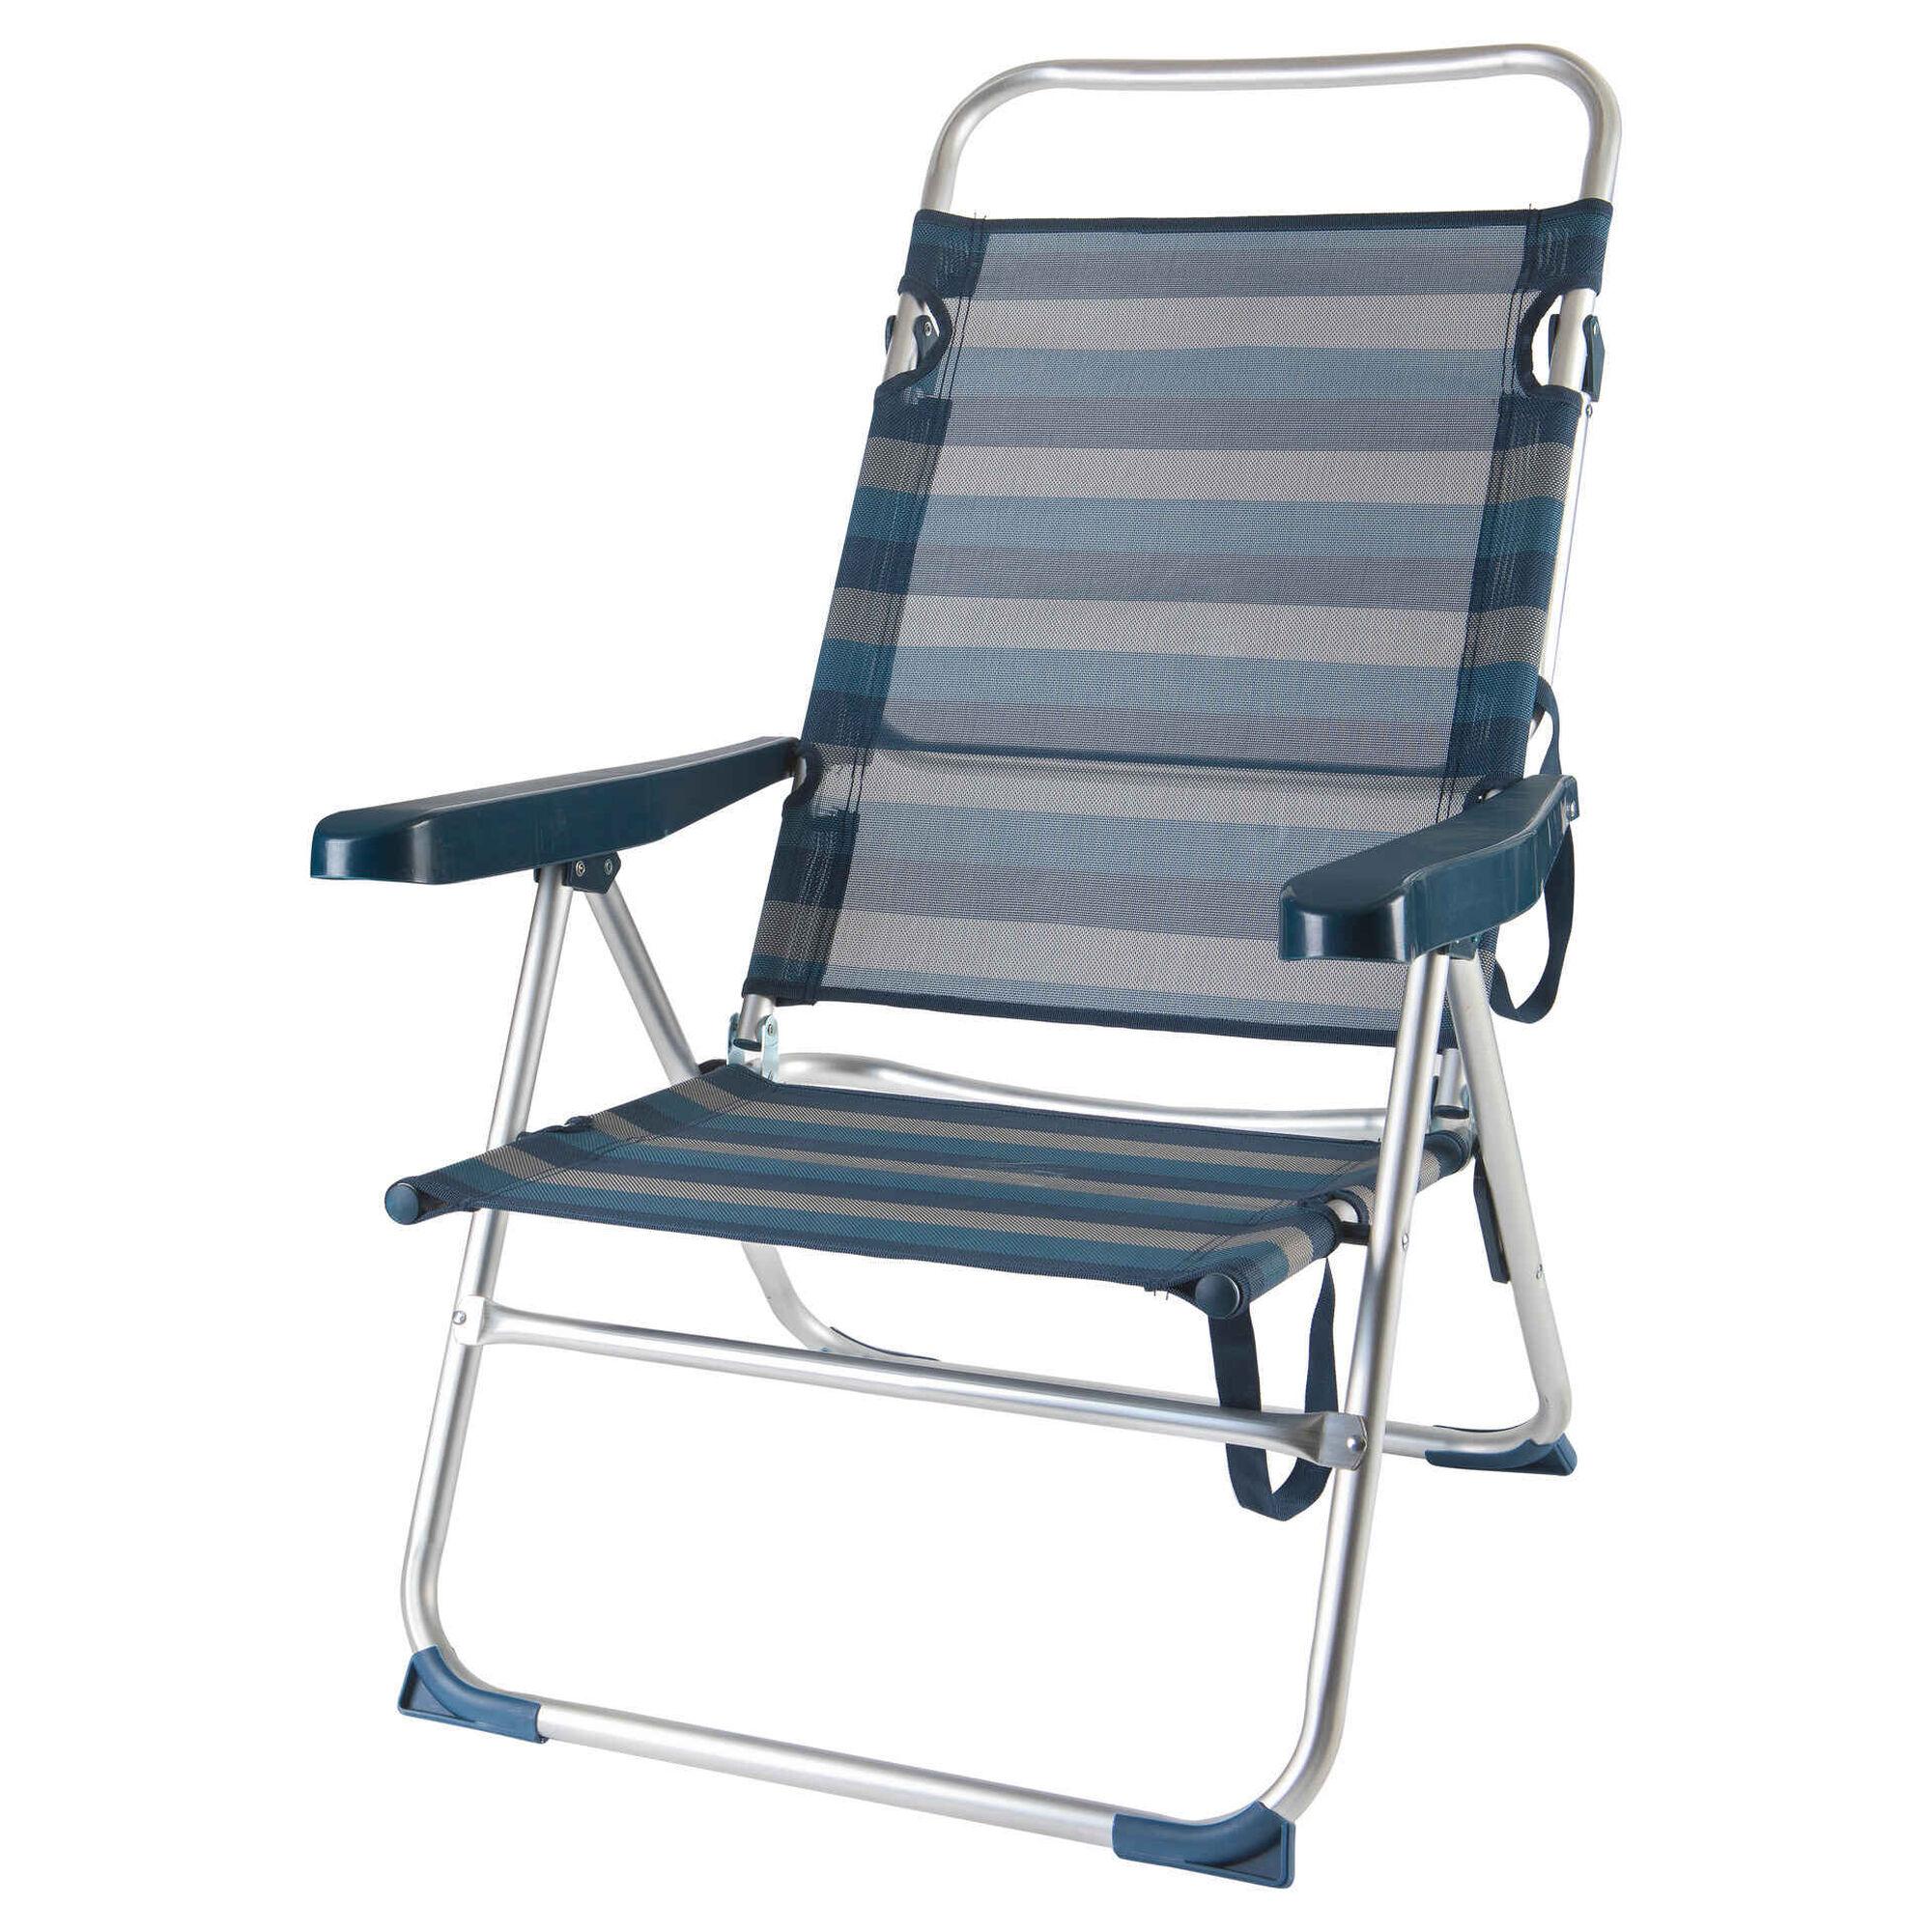 Cadeira de Praia Costas Altas Multiposições Azul e Branca